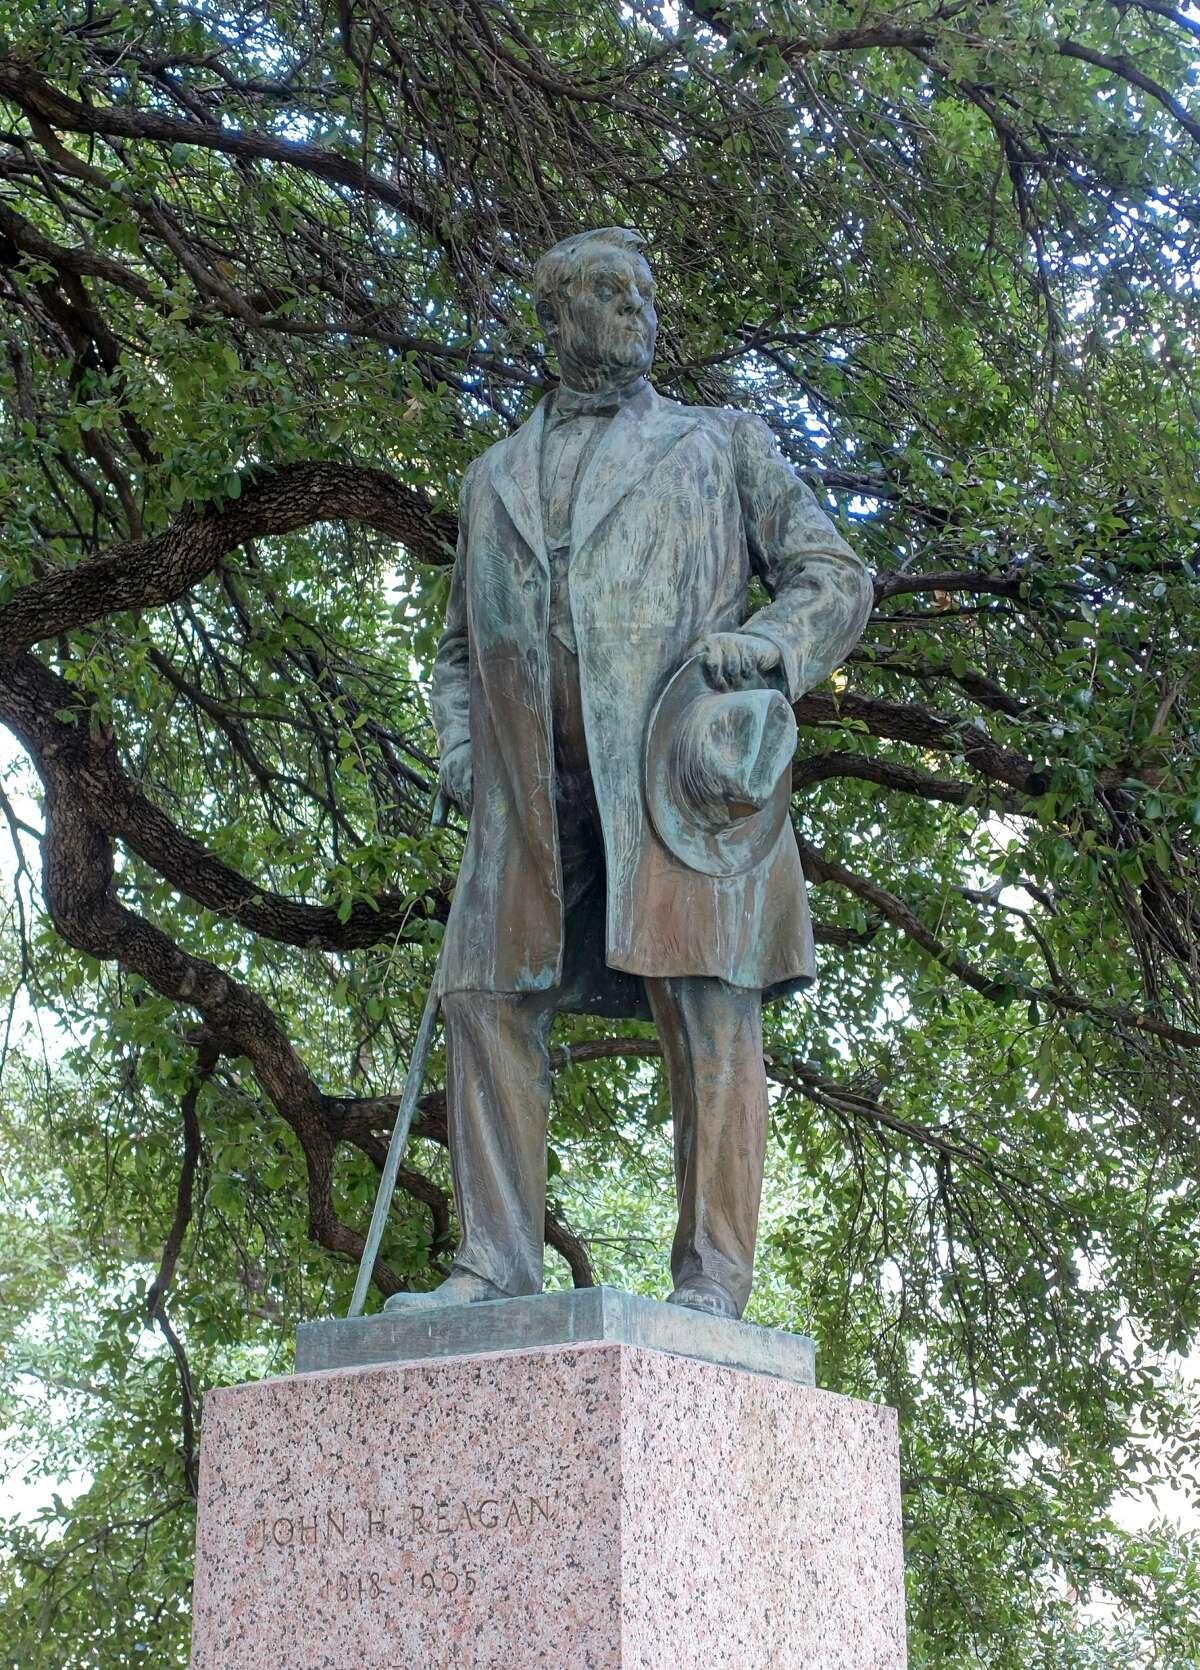 John H. Reagan by Pompeo Coppini - University of Texas at Austin, Austin, Texas, USA. Created circa 1923.